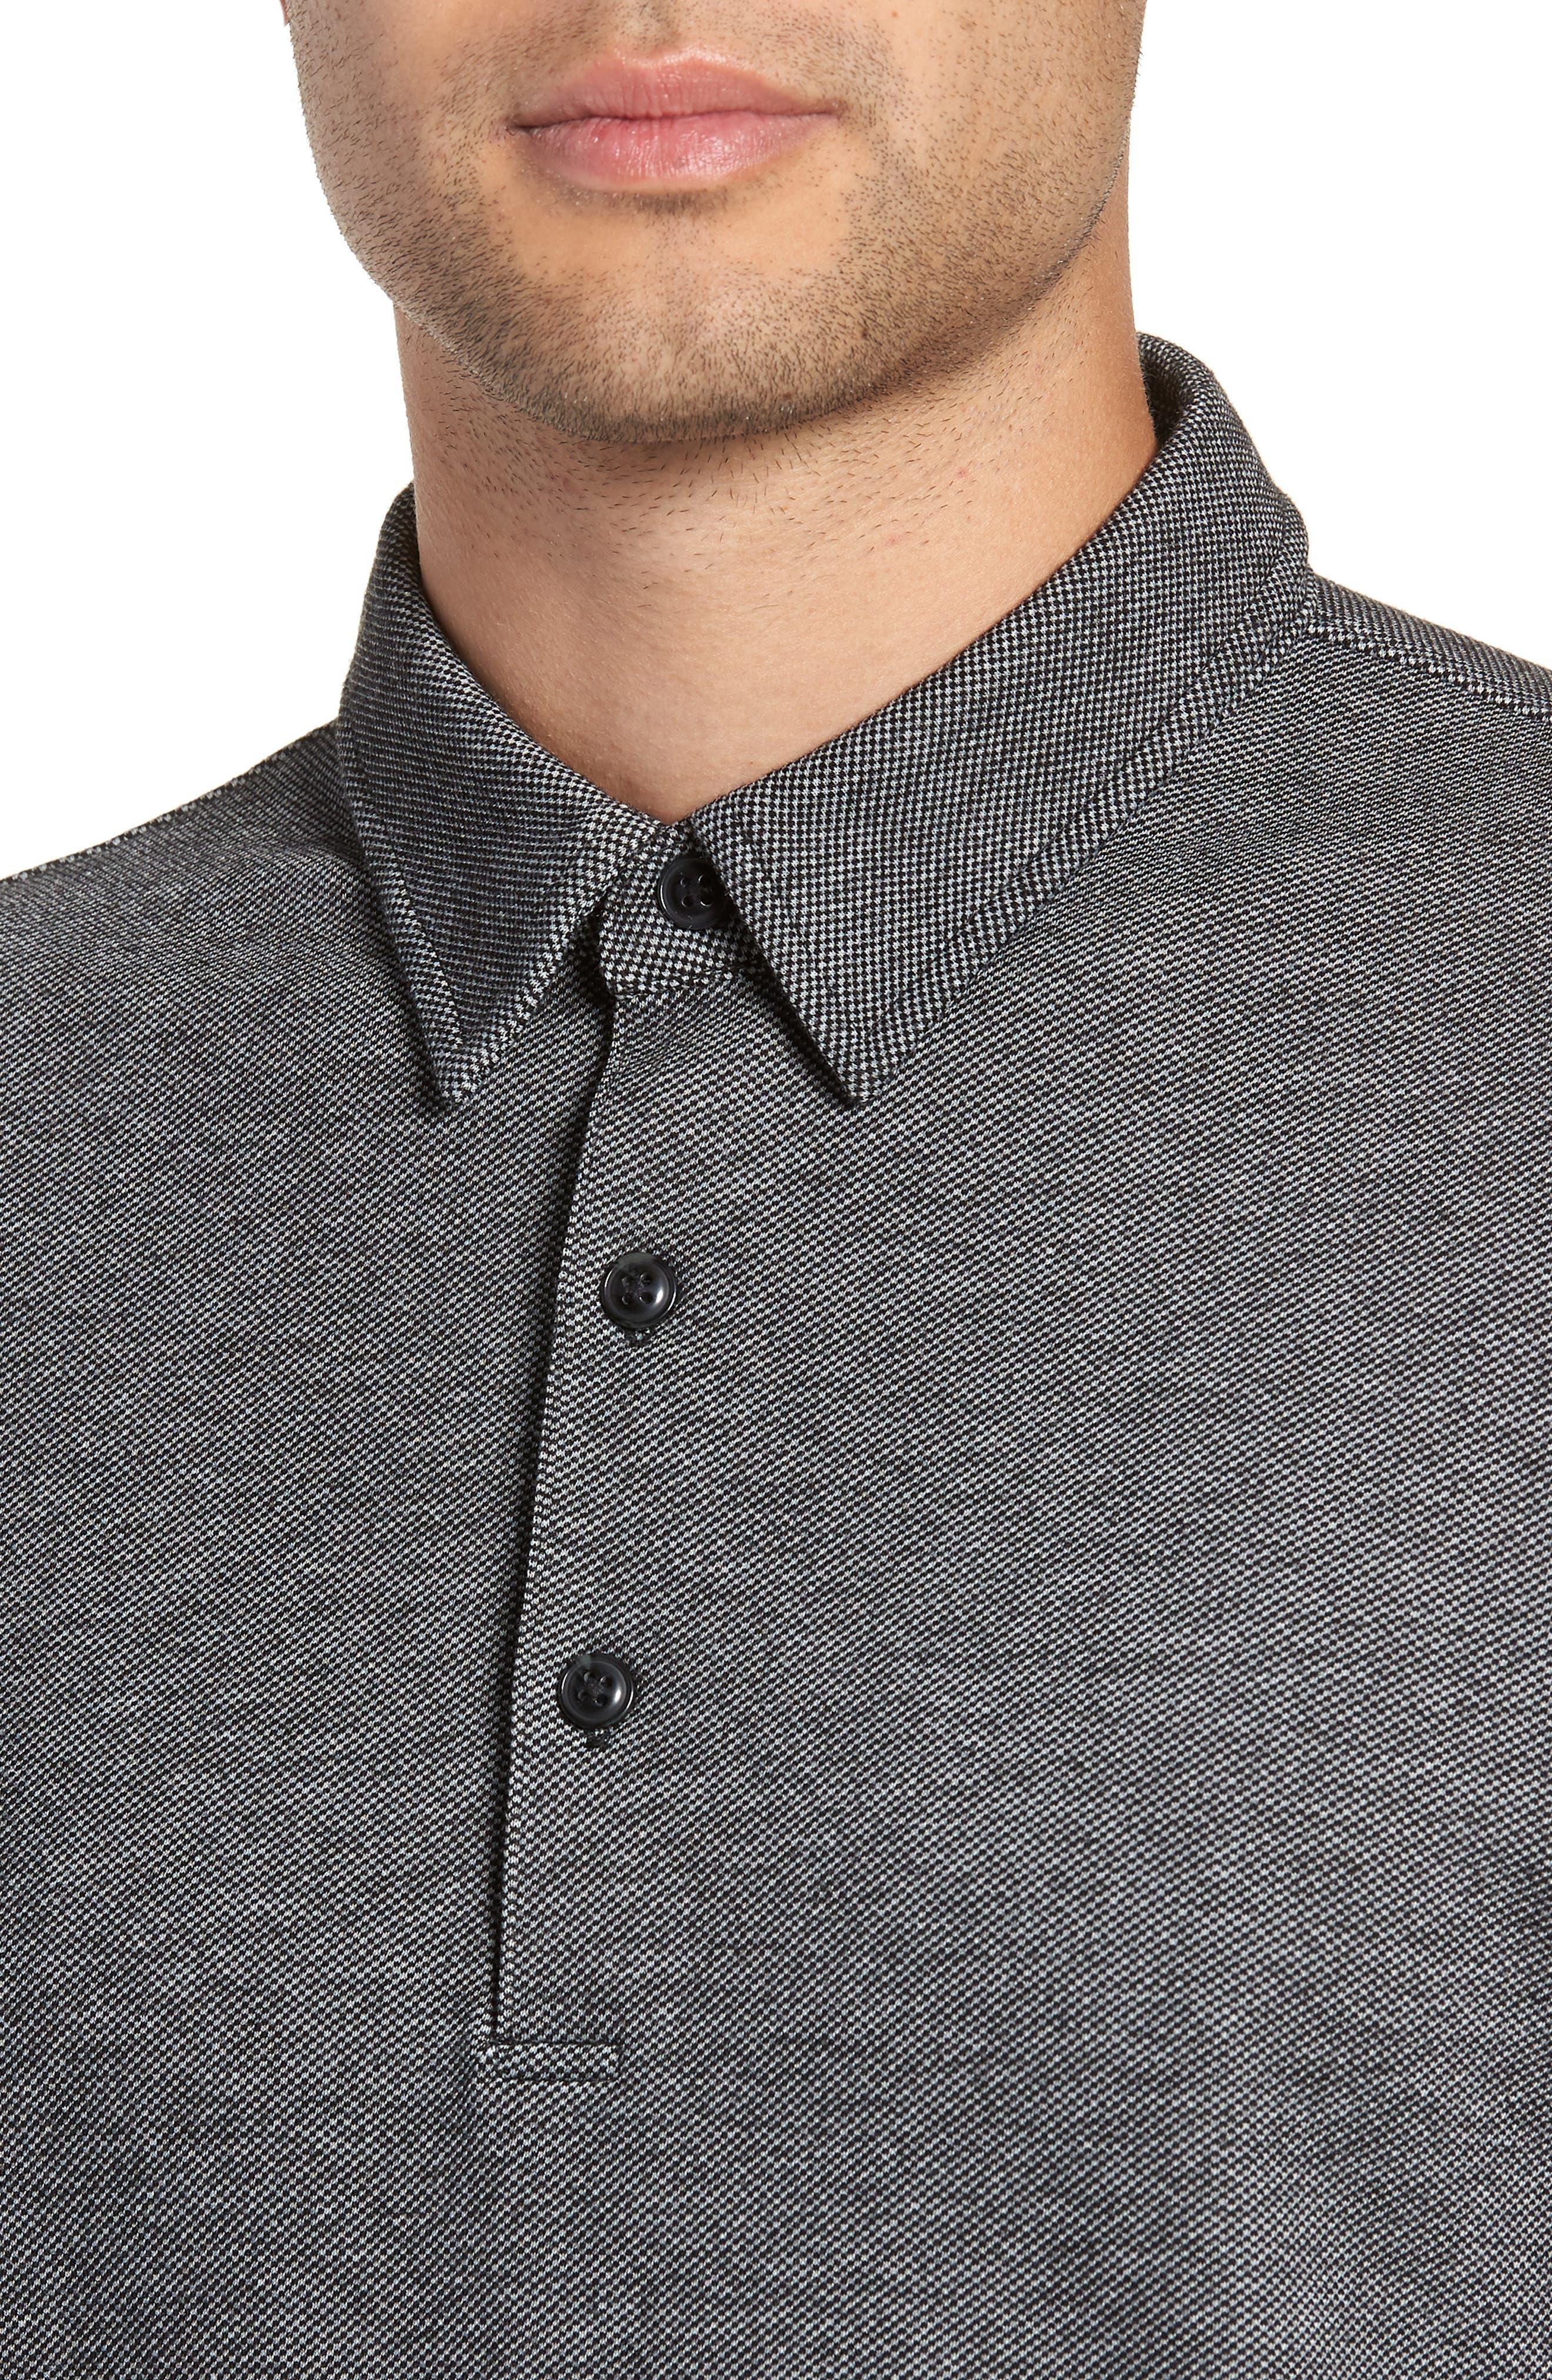 Trim Micro Jacquard Polo Shirt,                             Alternate thumbnail 4, color,                             001